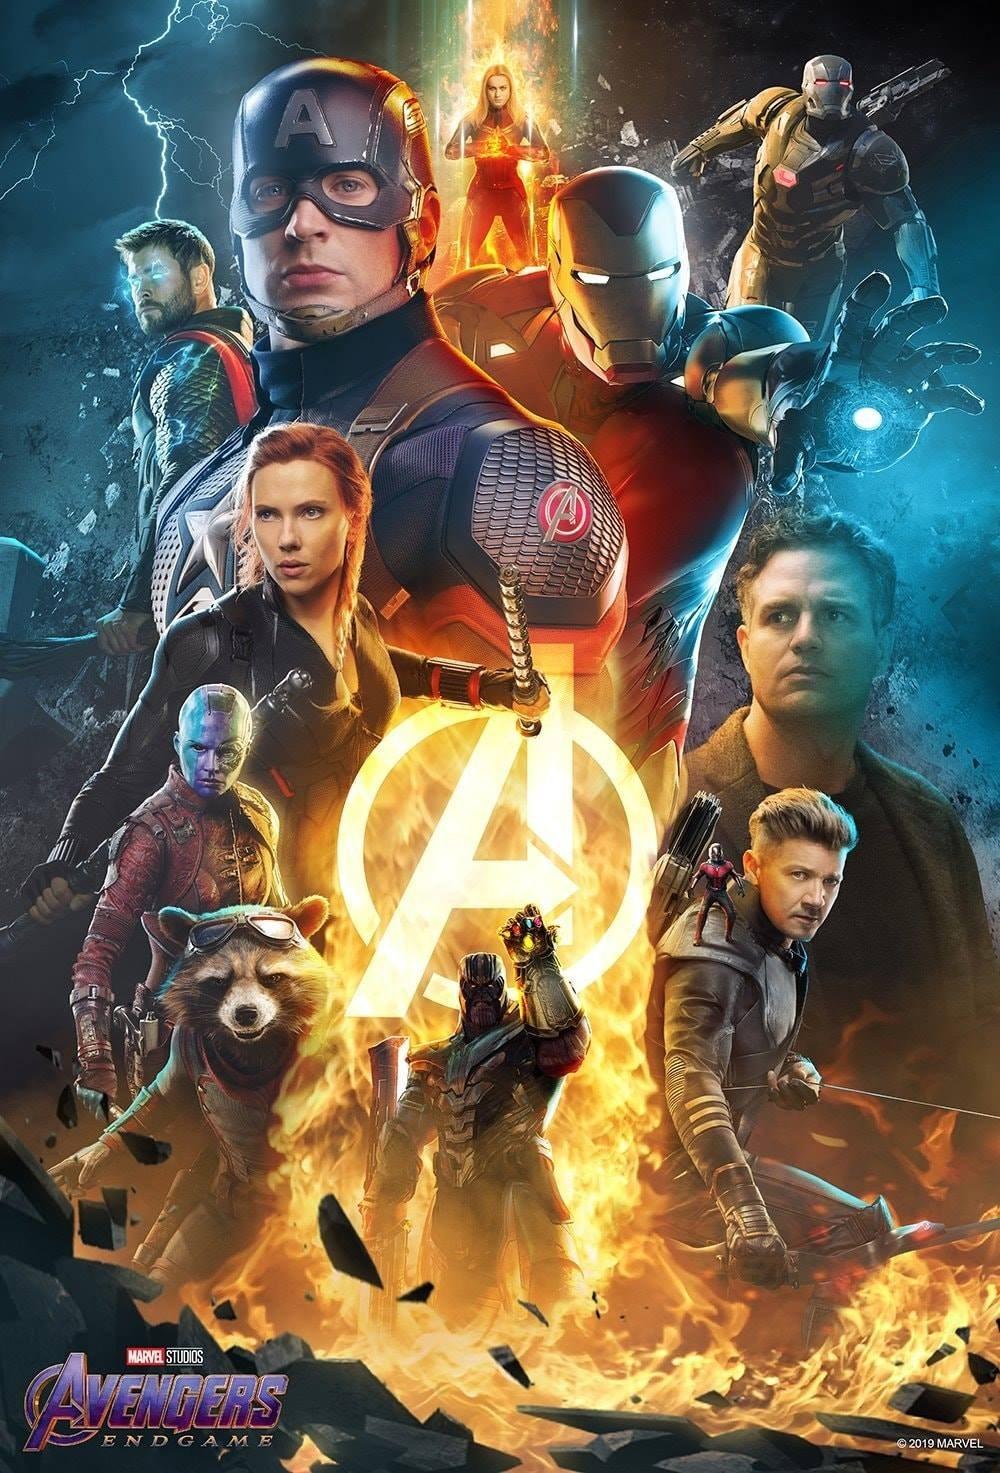 「復仇者聯盟4:終局之戰」全球票房已超越「鐵達尼號」,成為影史第2。(圖取自facebook.com/MarvelStudioTaiwan)